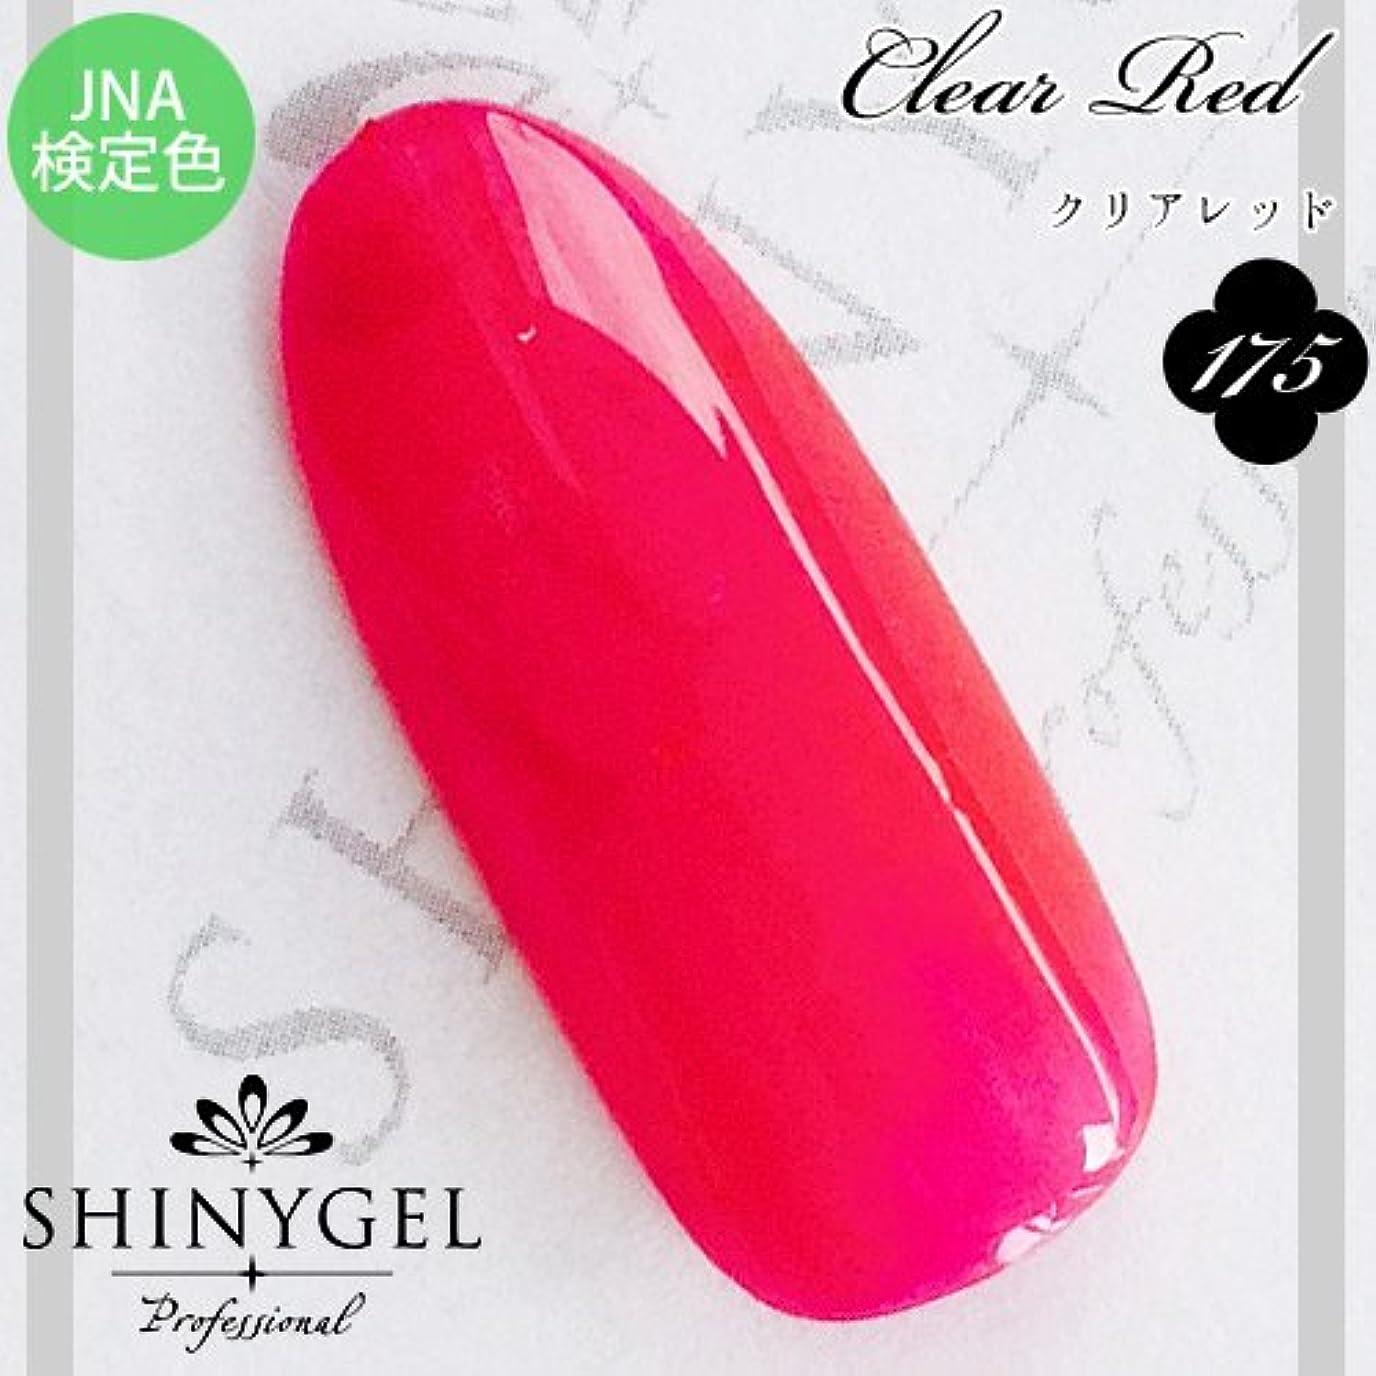 野な処理する王朝SHINY GEL カラージェル 175 4g クリアレッド JNA検定色 UV/LED対応